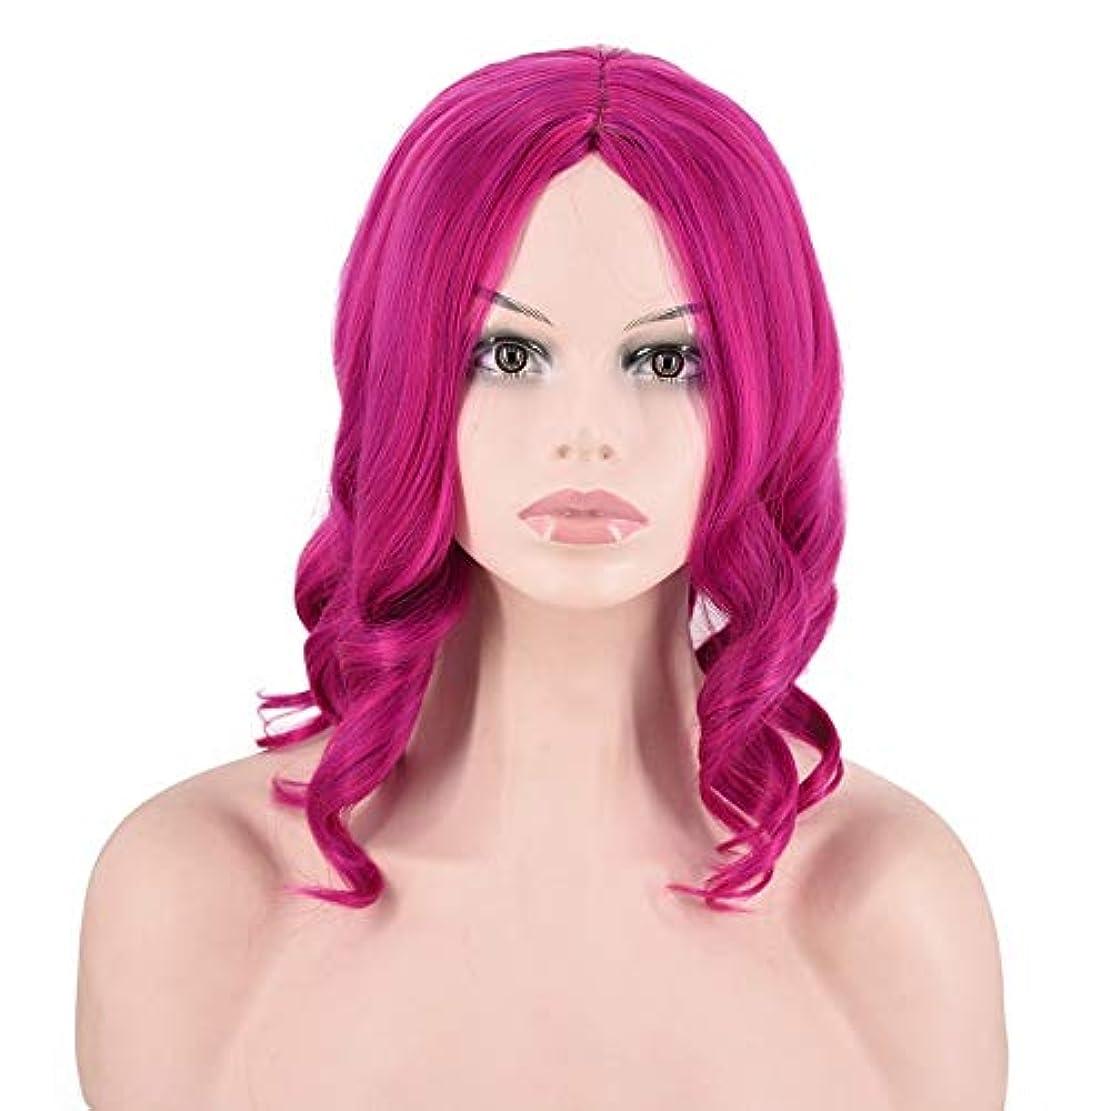 ランプ感嘆分析的なYOUQIU 女性のファッションの毎日髪のかつらのためにローズレッドコスプレウィッグカーリーボブヘアーウェーブスタイル (色 : Photo Color)